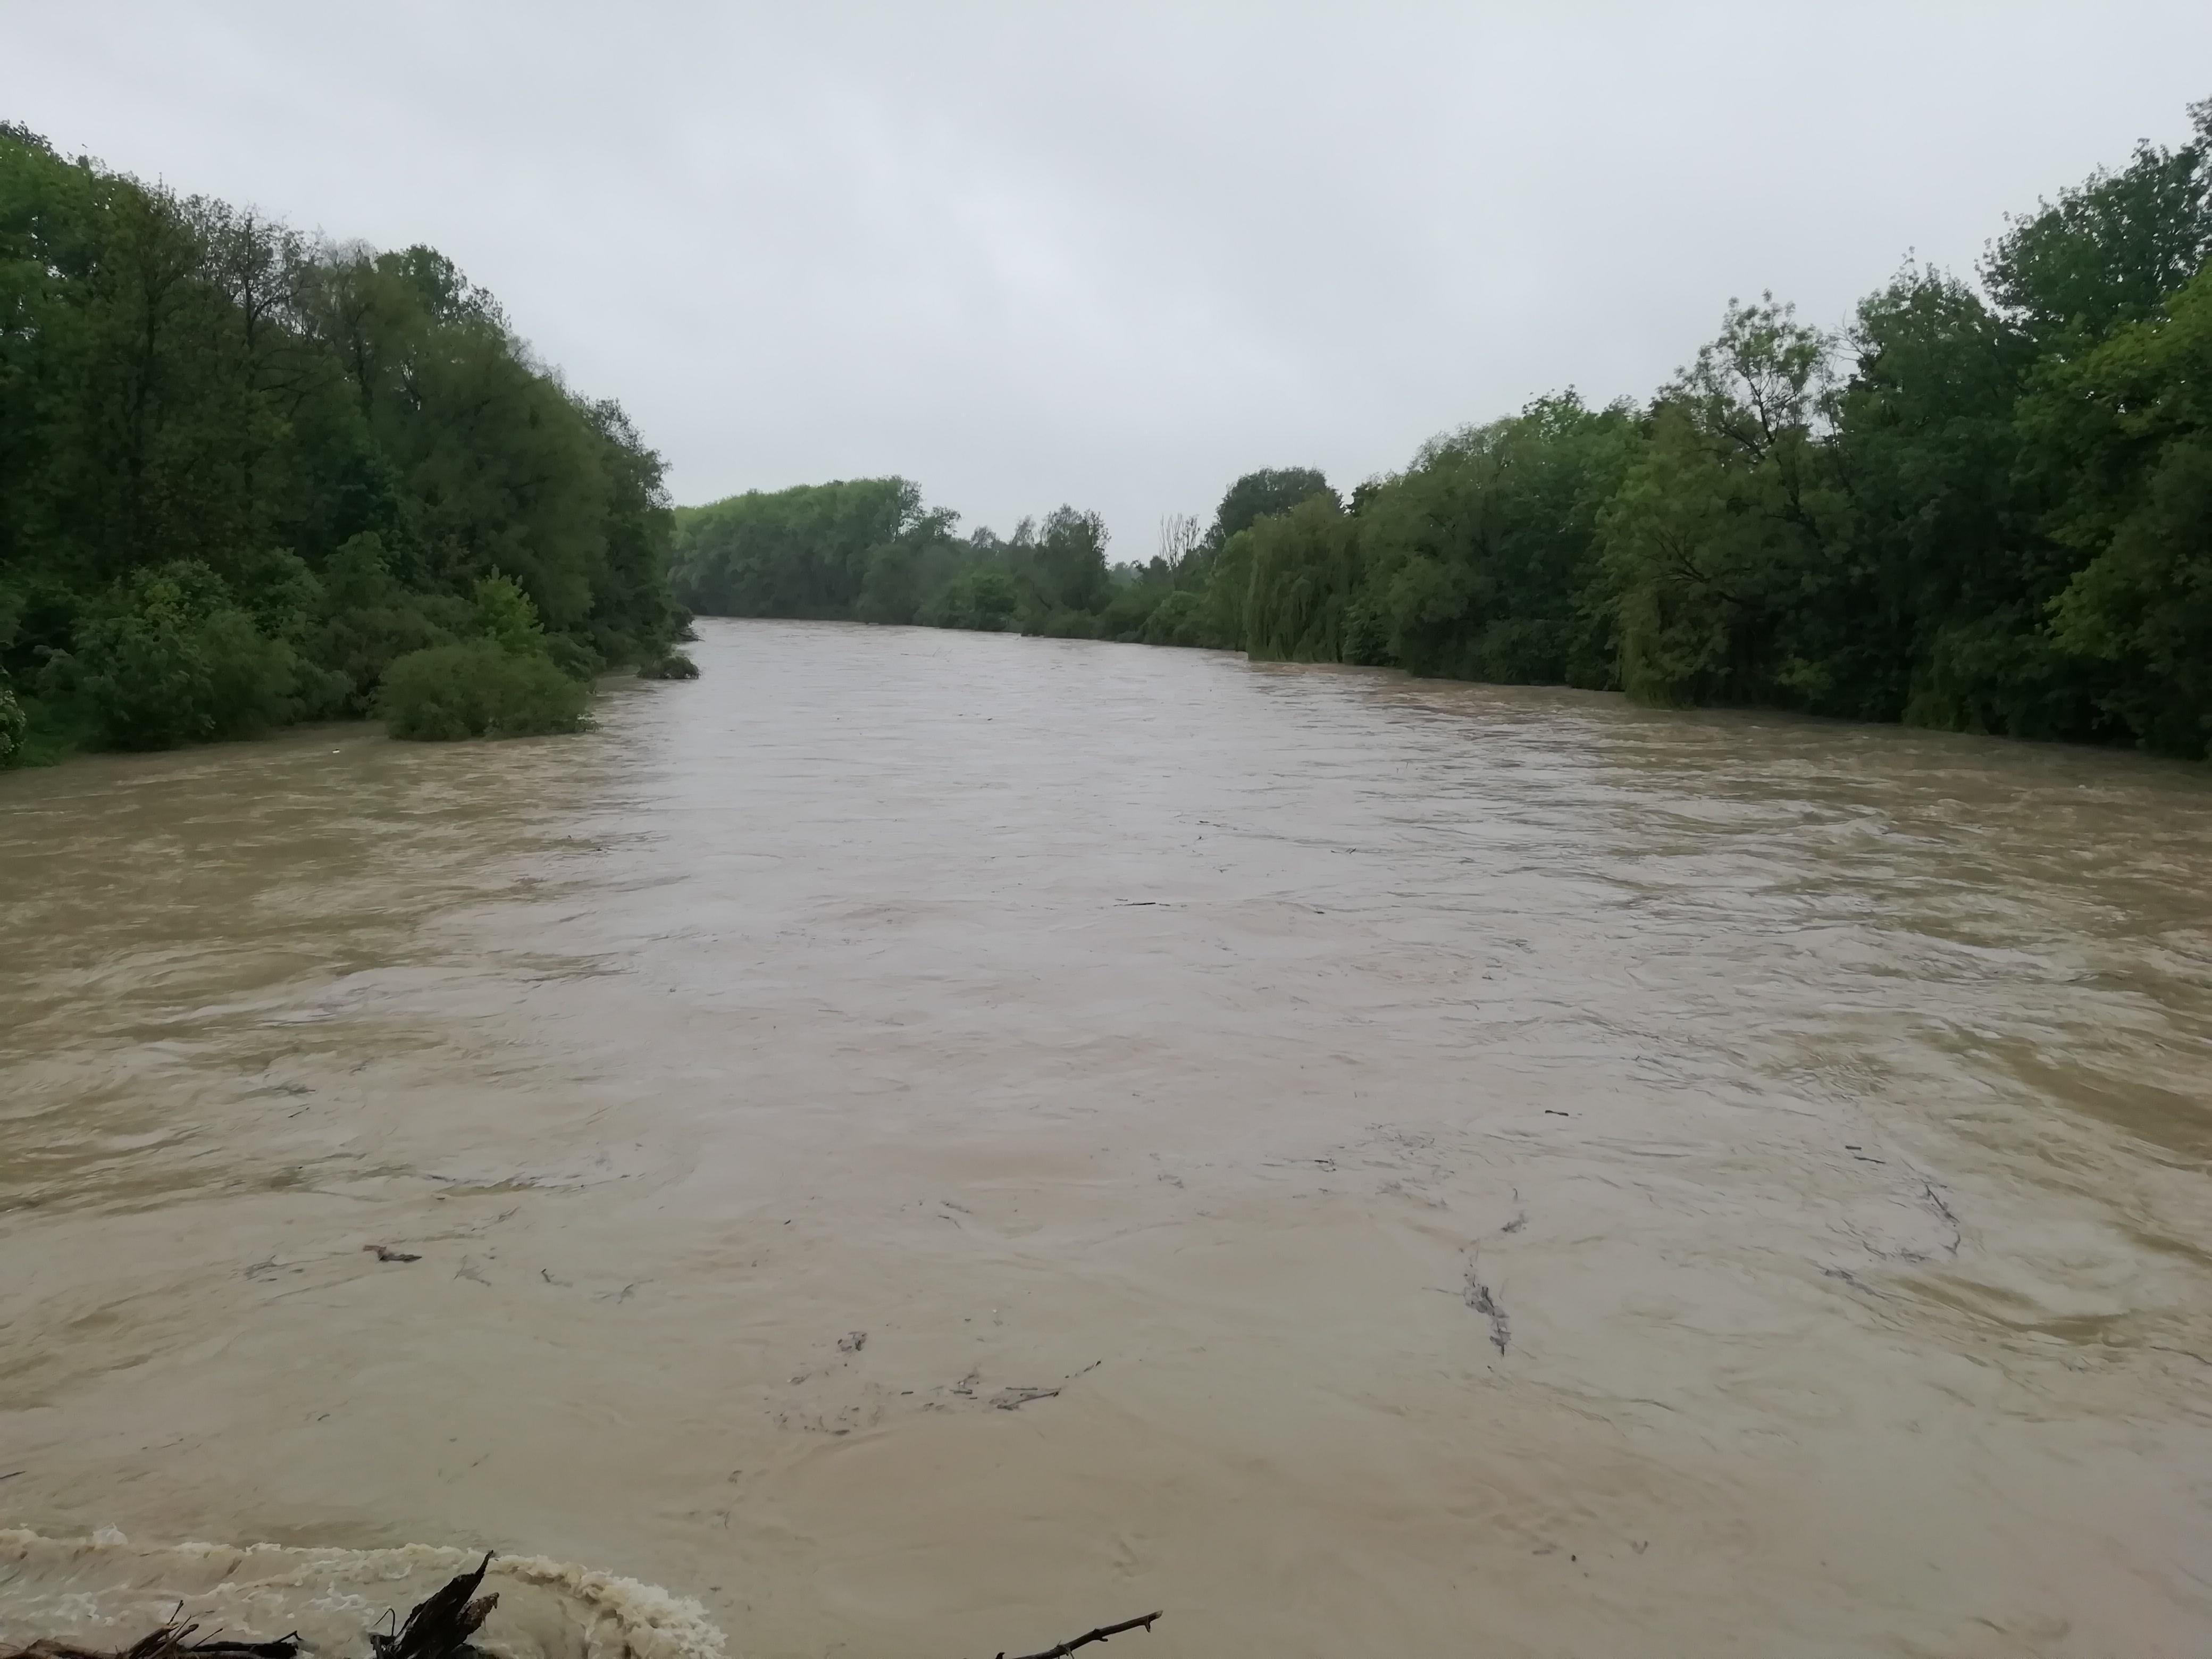 Hochwasser an der Isar in Freising im Mai 2019.